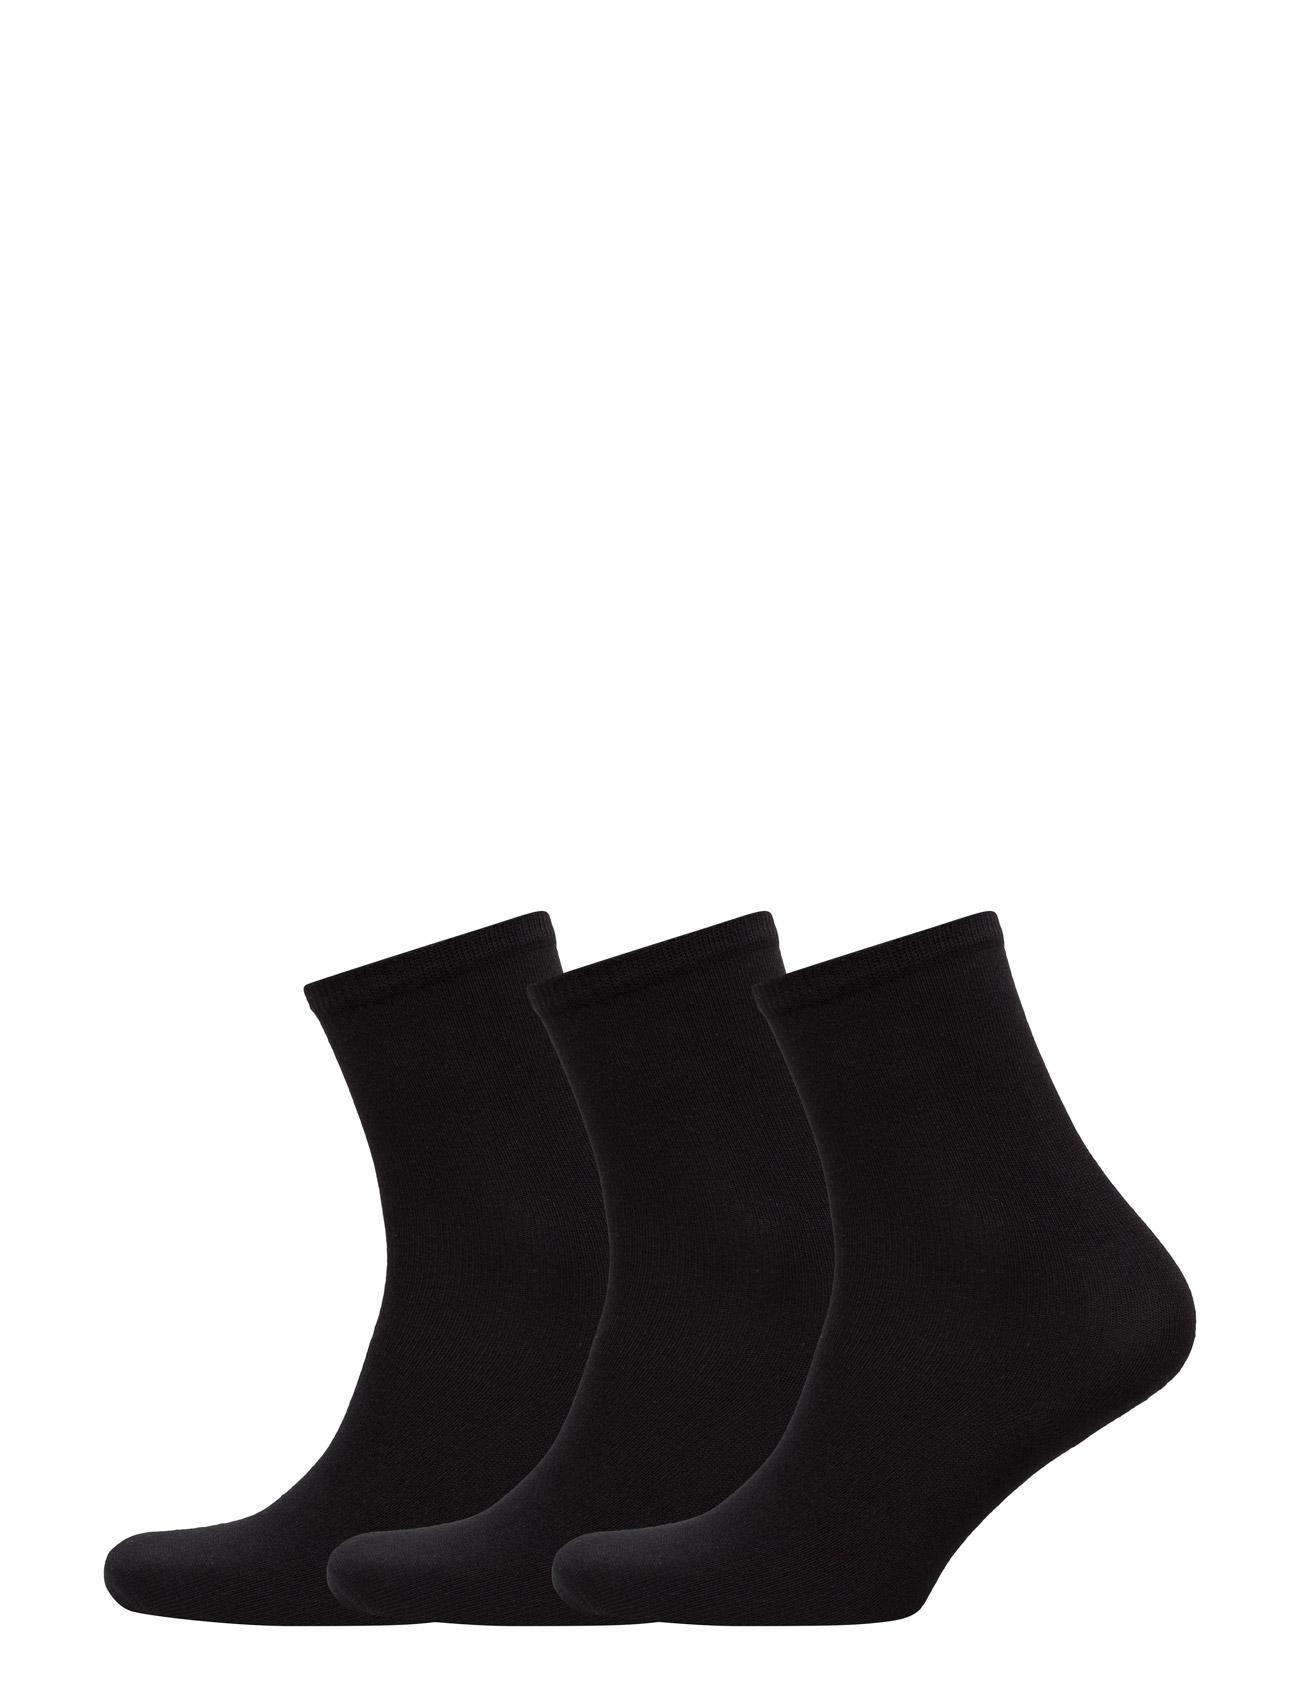 Ladies Sock 3-Pack TOPECO Strømpebukser til Kvinder i Sort